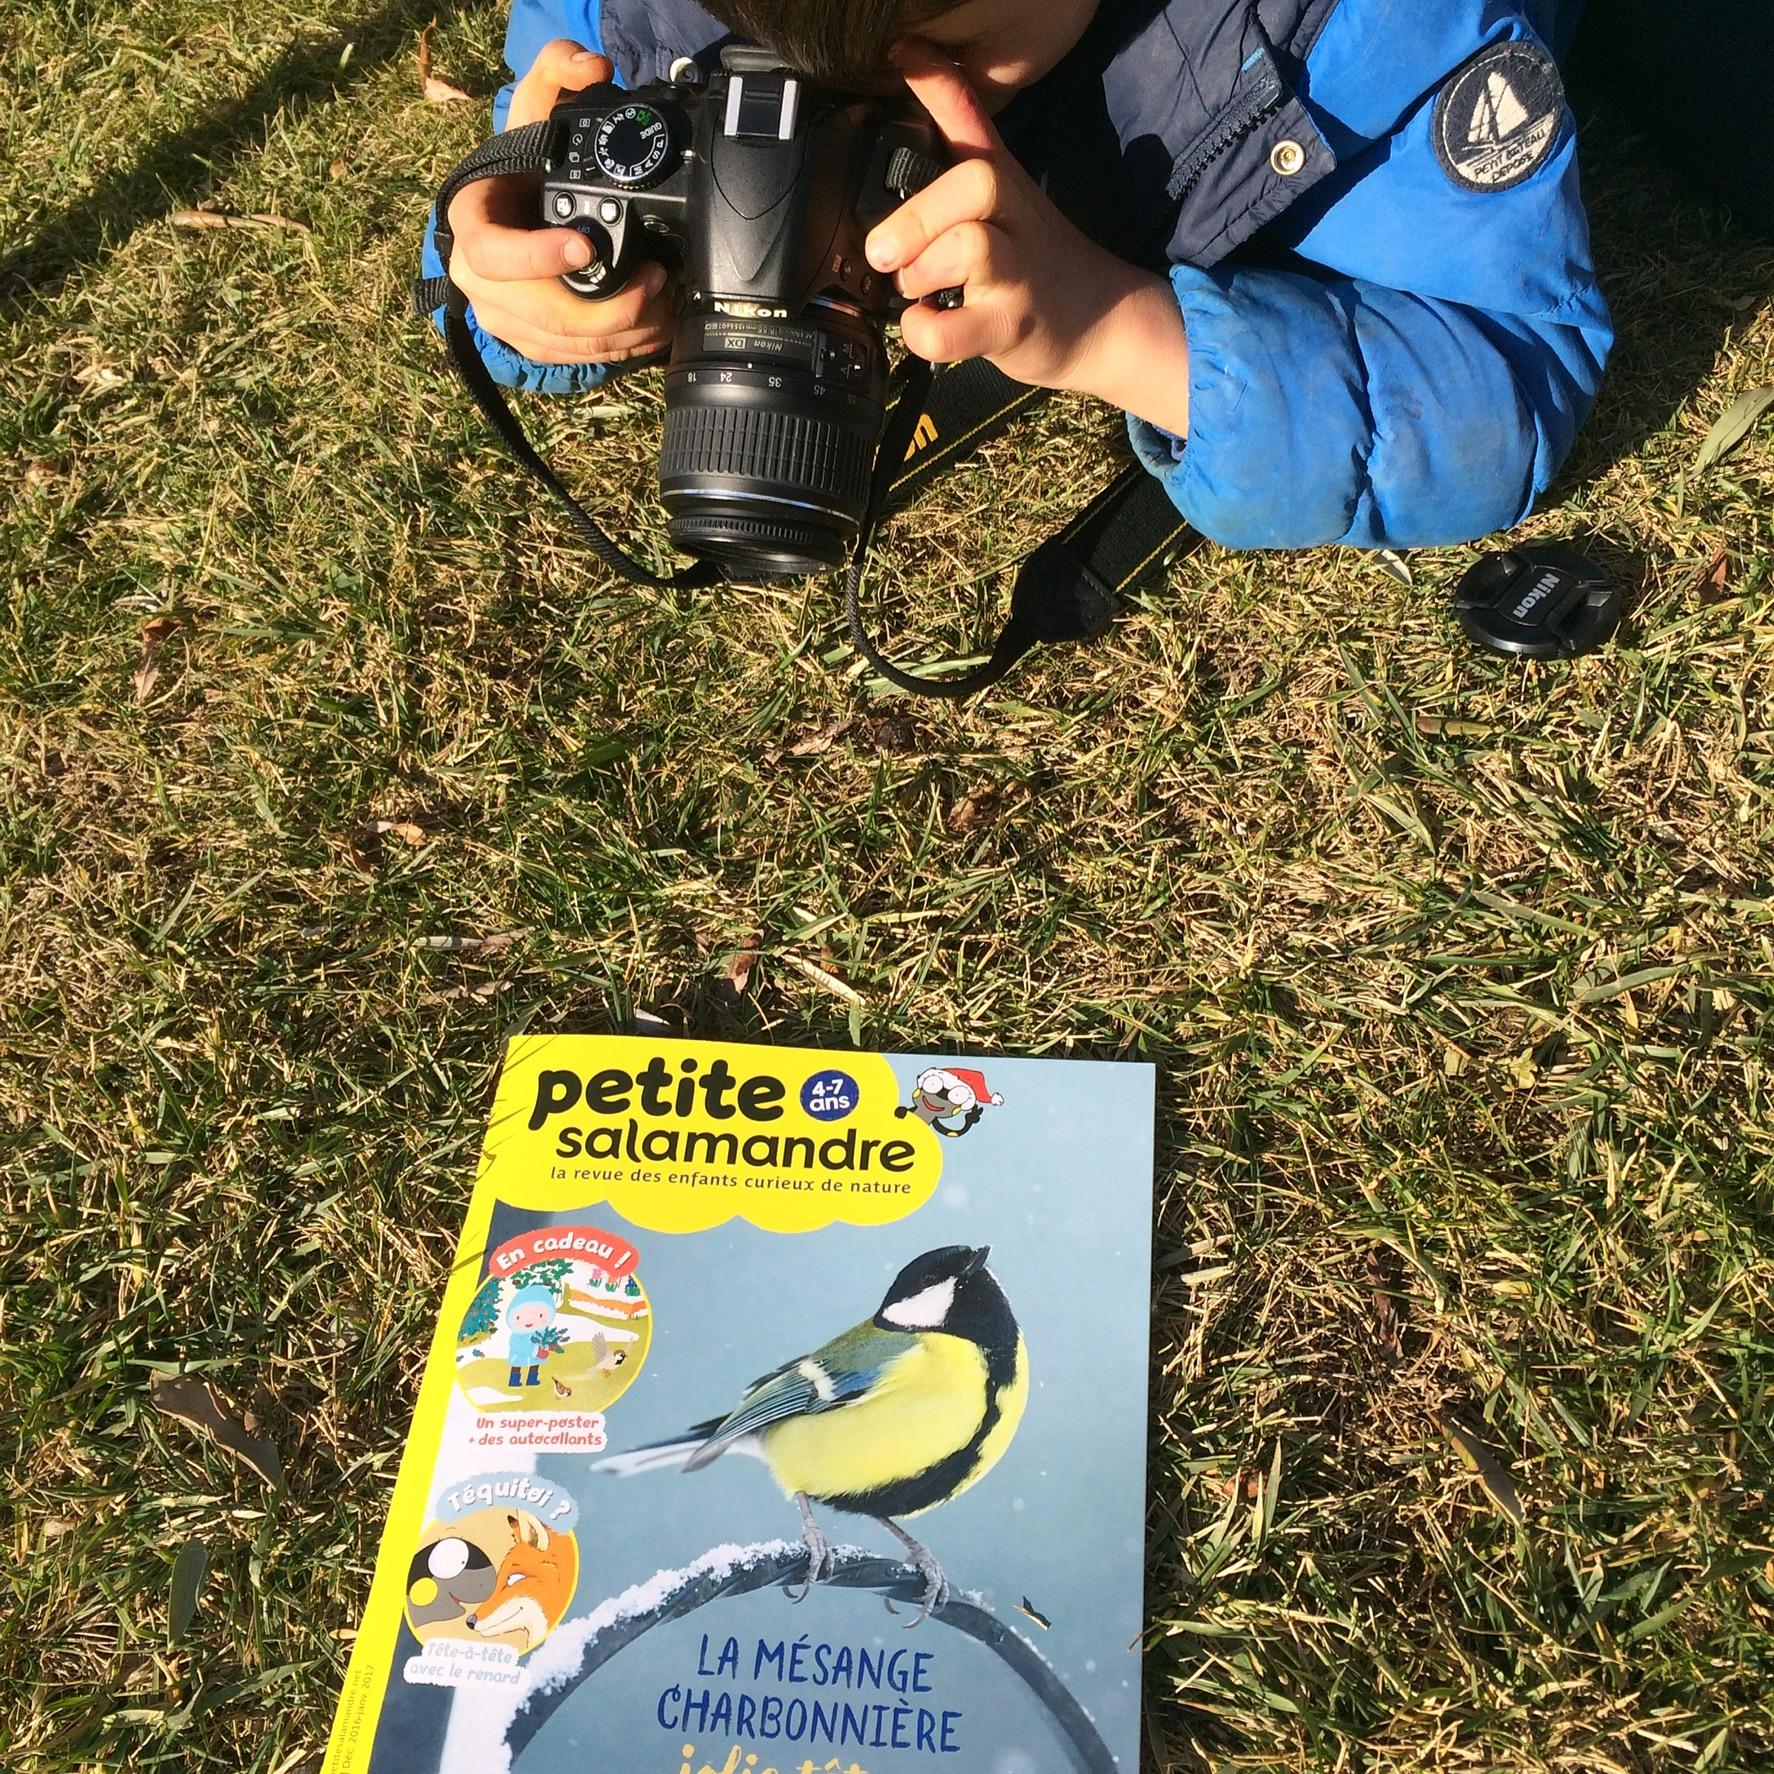 Coloriage Mandala Nature Et Decouverte.L Activite Montessori Du Jour Decouverte De La Revue Nature Petite